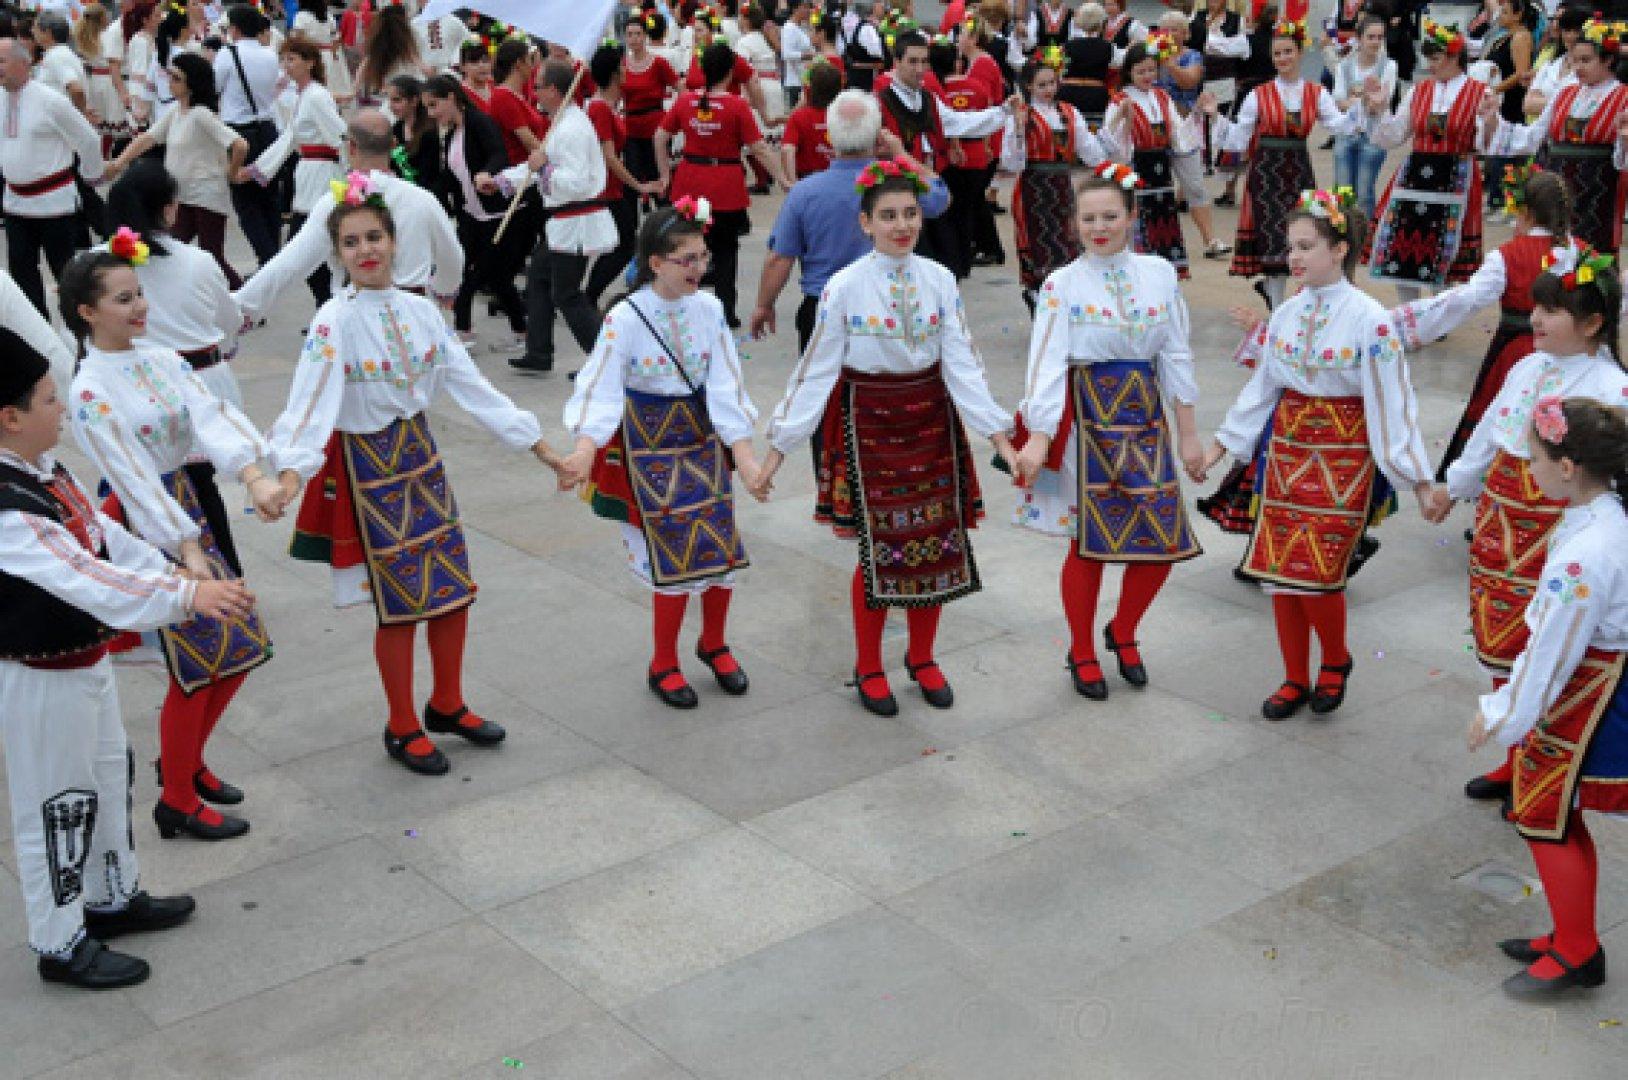 Над 250 танцьори ще се включат в надиграването пред Казиното в петък. Снимка Архив Черноморие